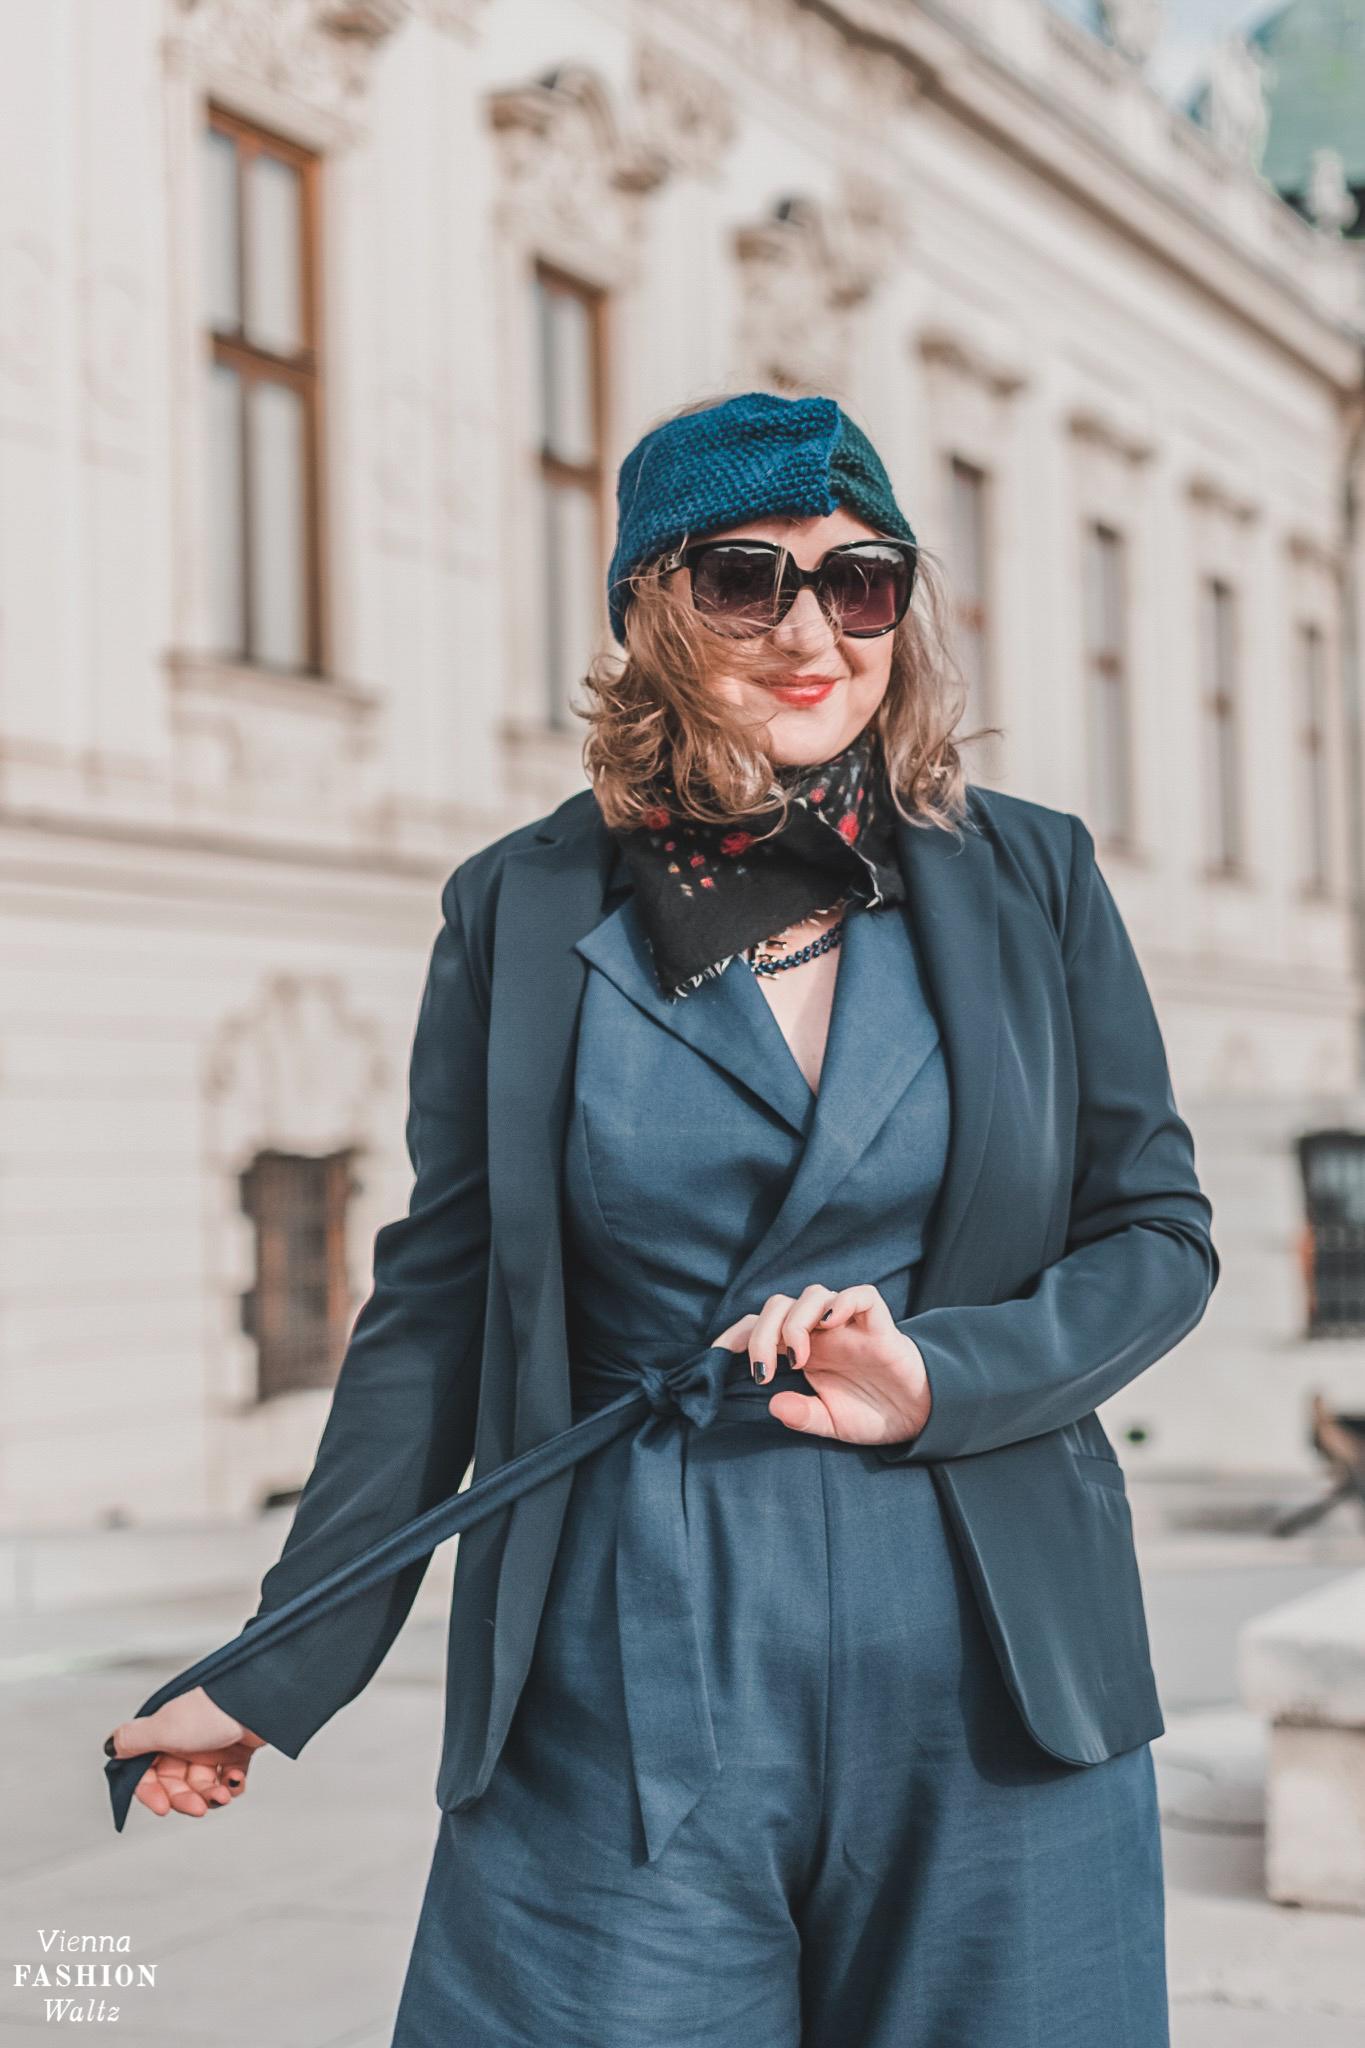 nachhaltige Mode aus Österreich, Atelier Snow, Jumpsuit Tipps, Styling